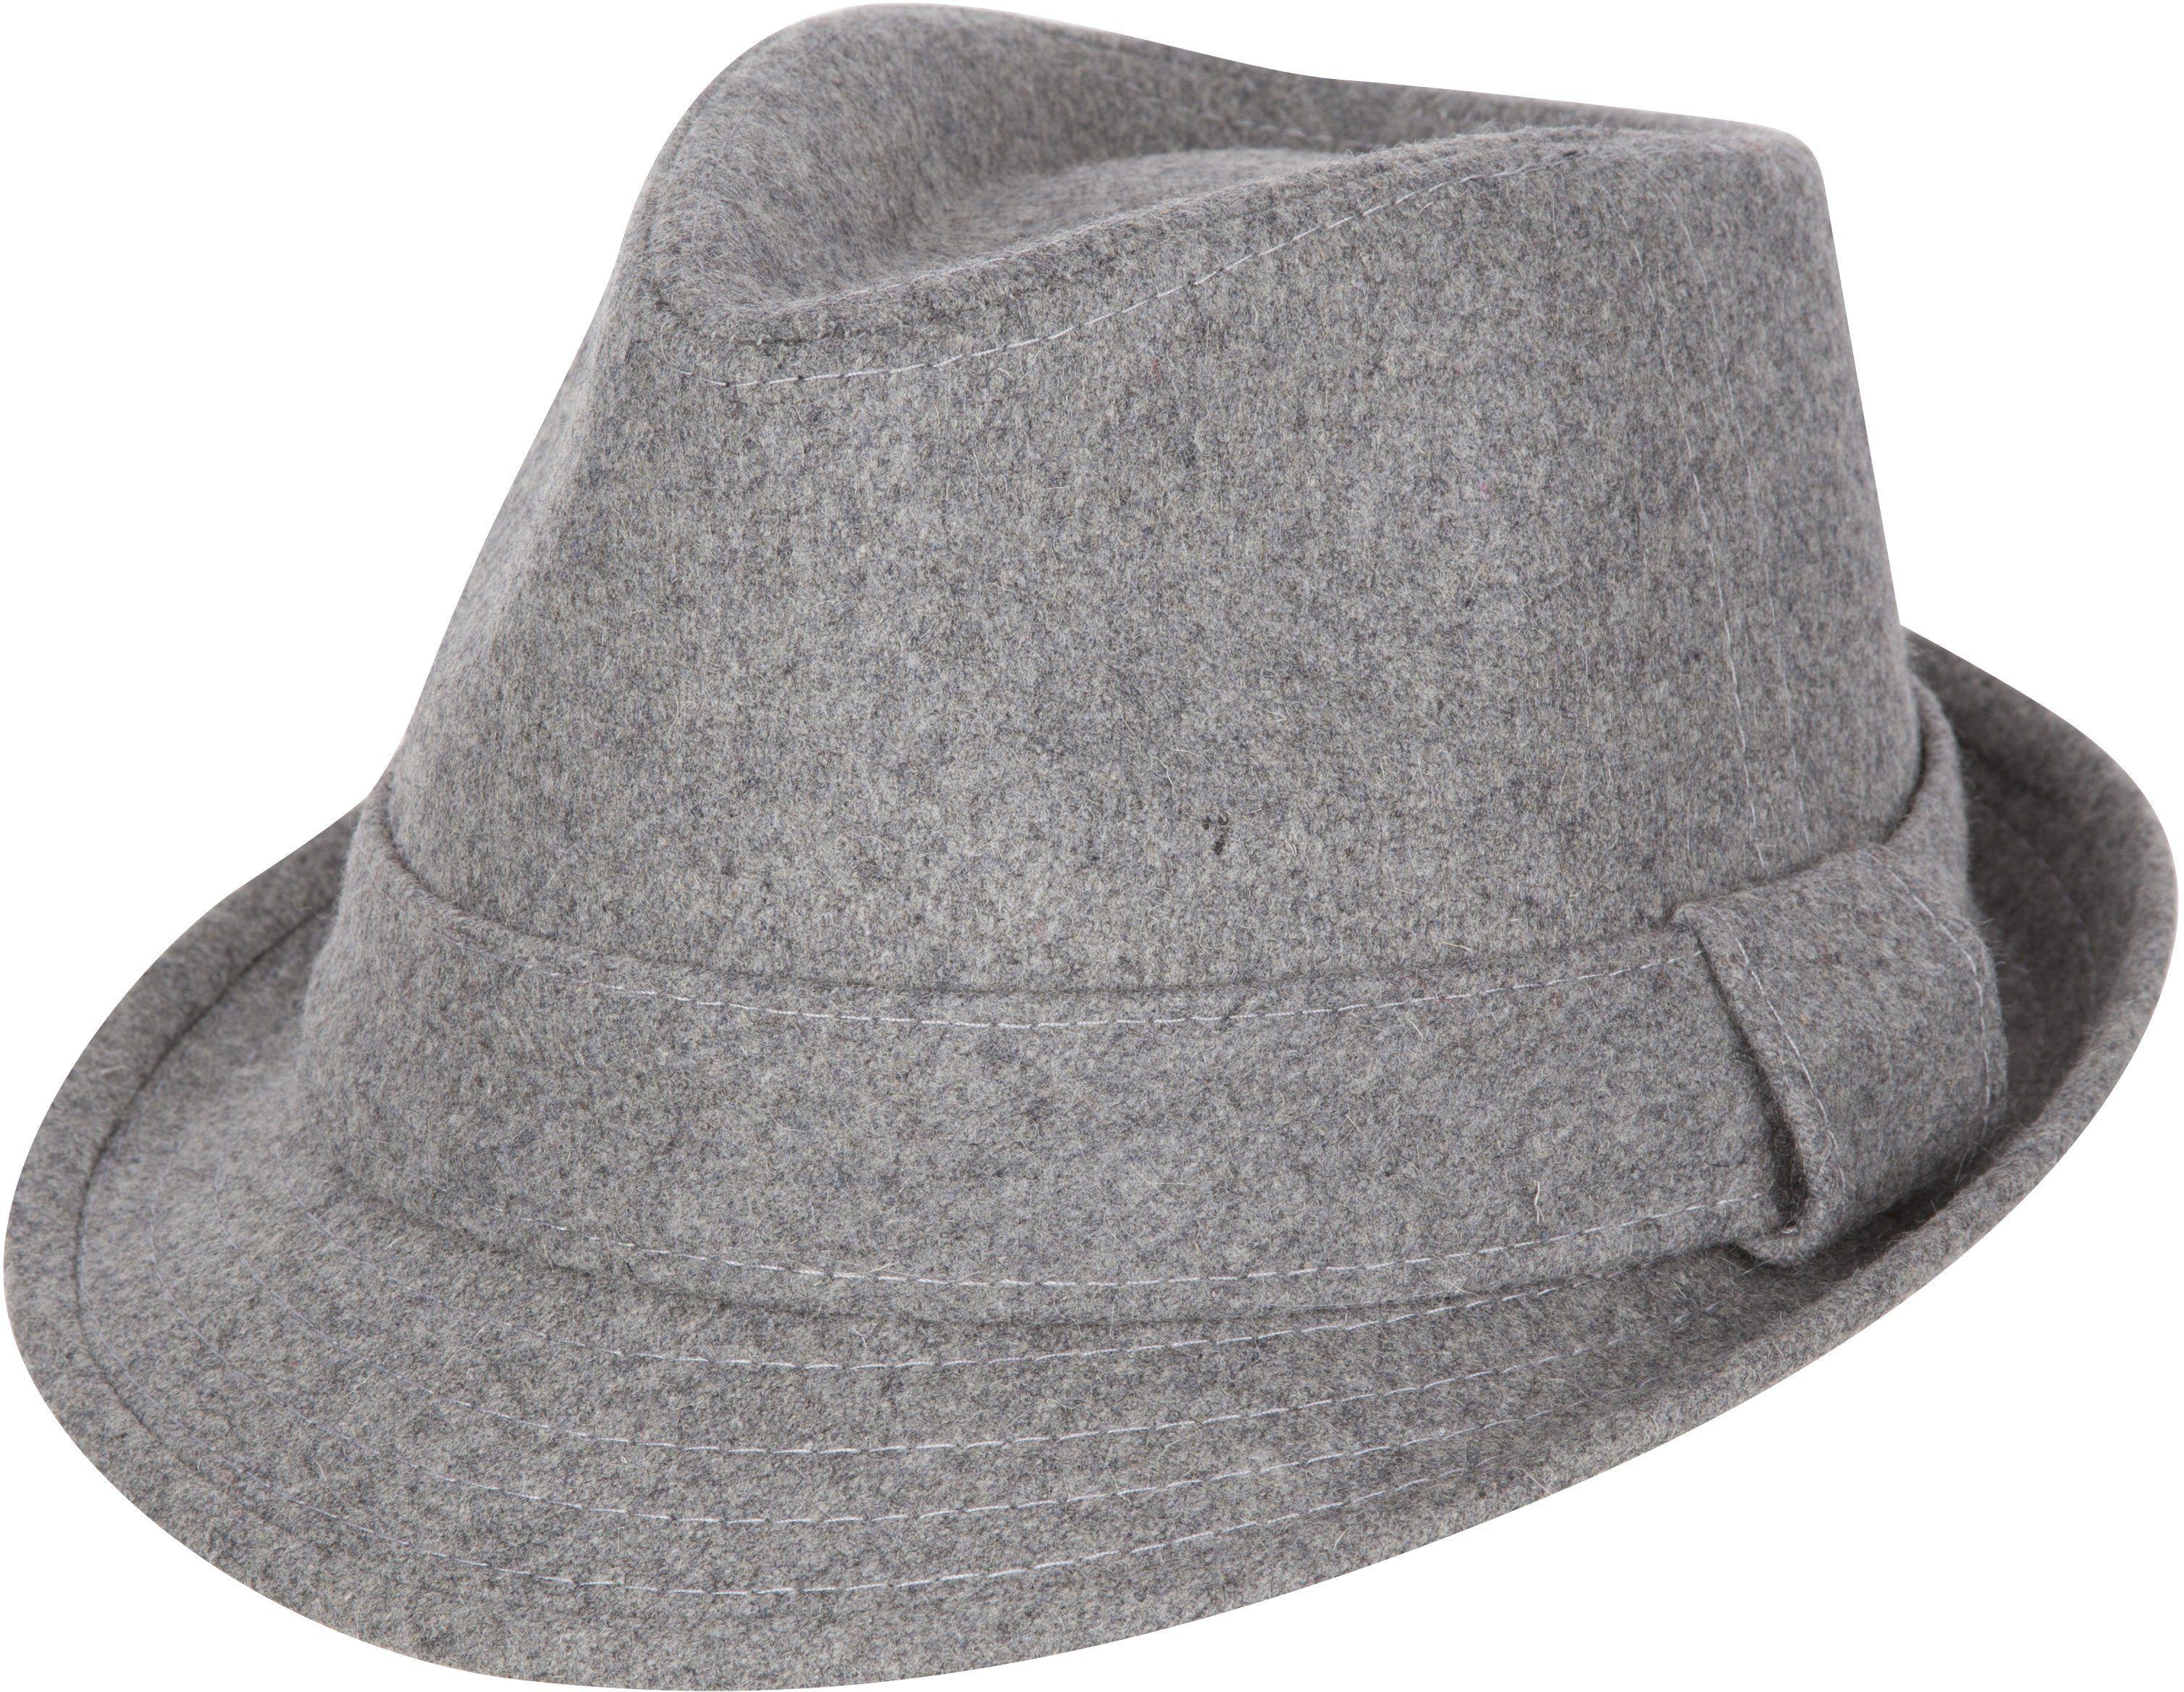 Sakkas Original Unisex Structured Wool Fedora Hat  2959d6e5490e